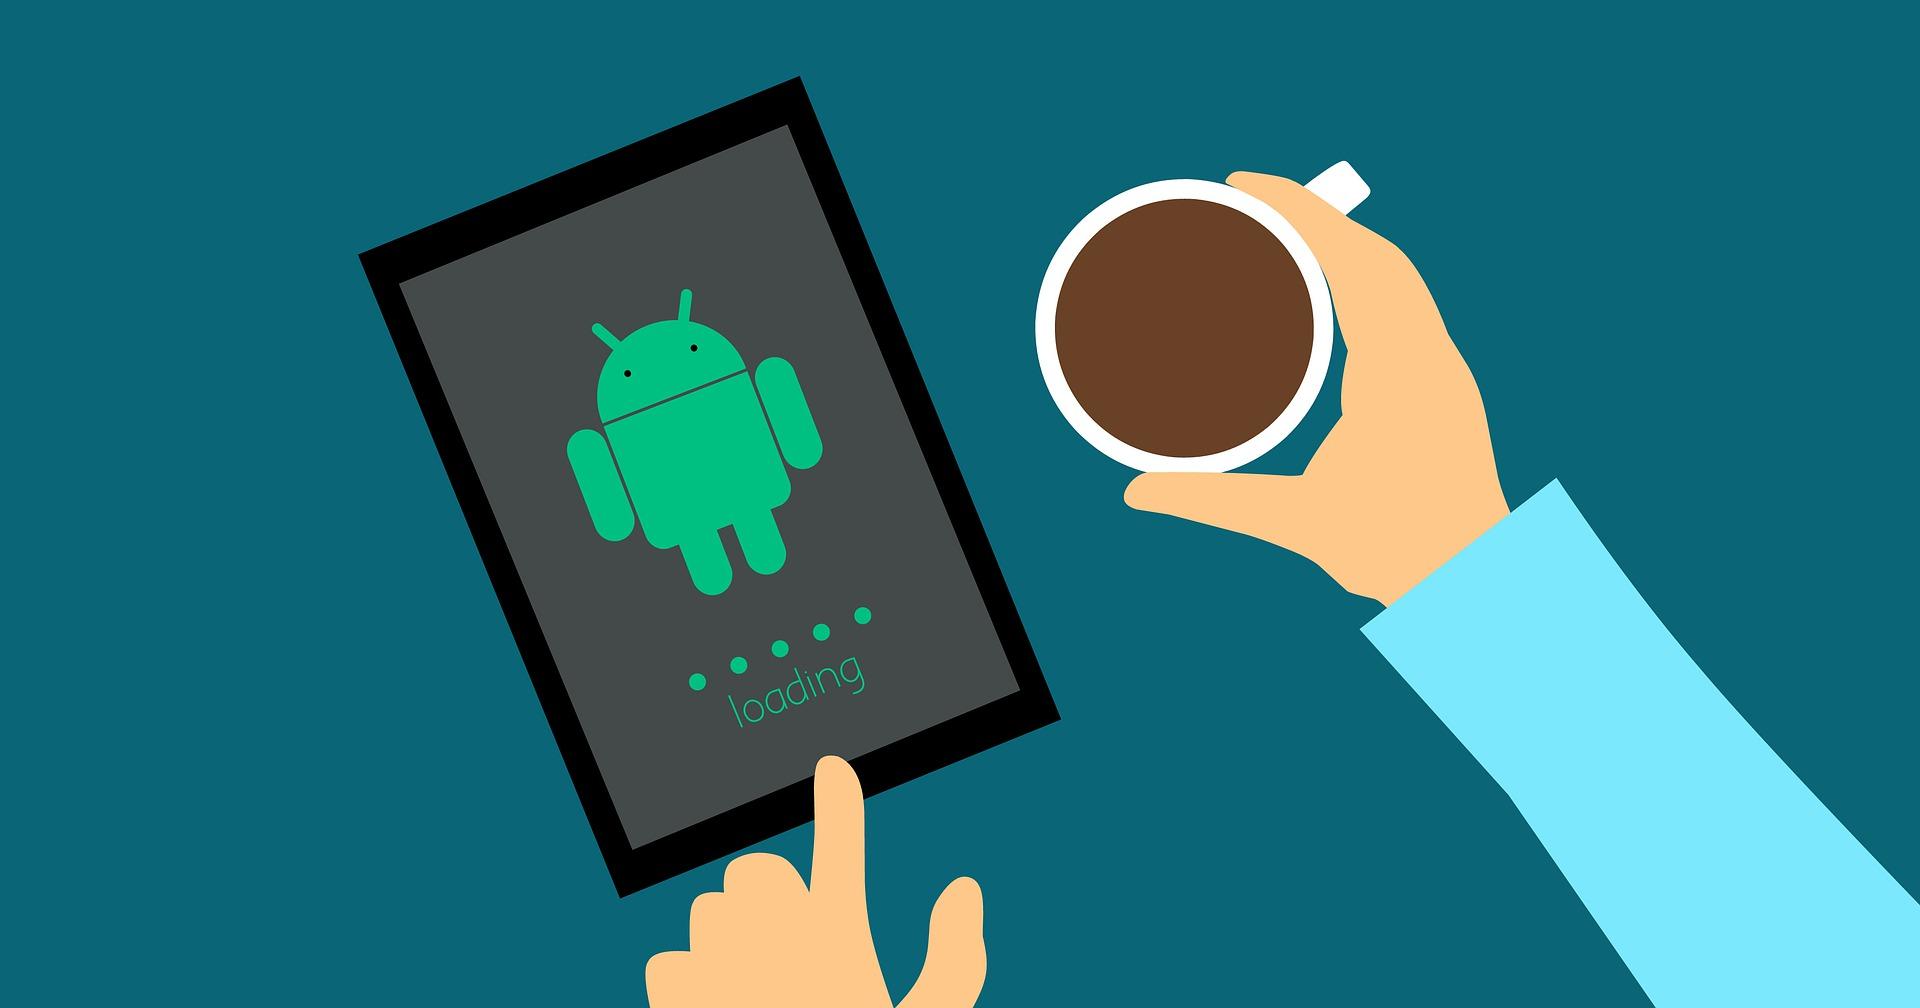 Comment créer une application Android ? On parie que vous avez oublié au moins l'un de ces aspects !